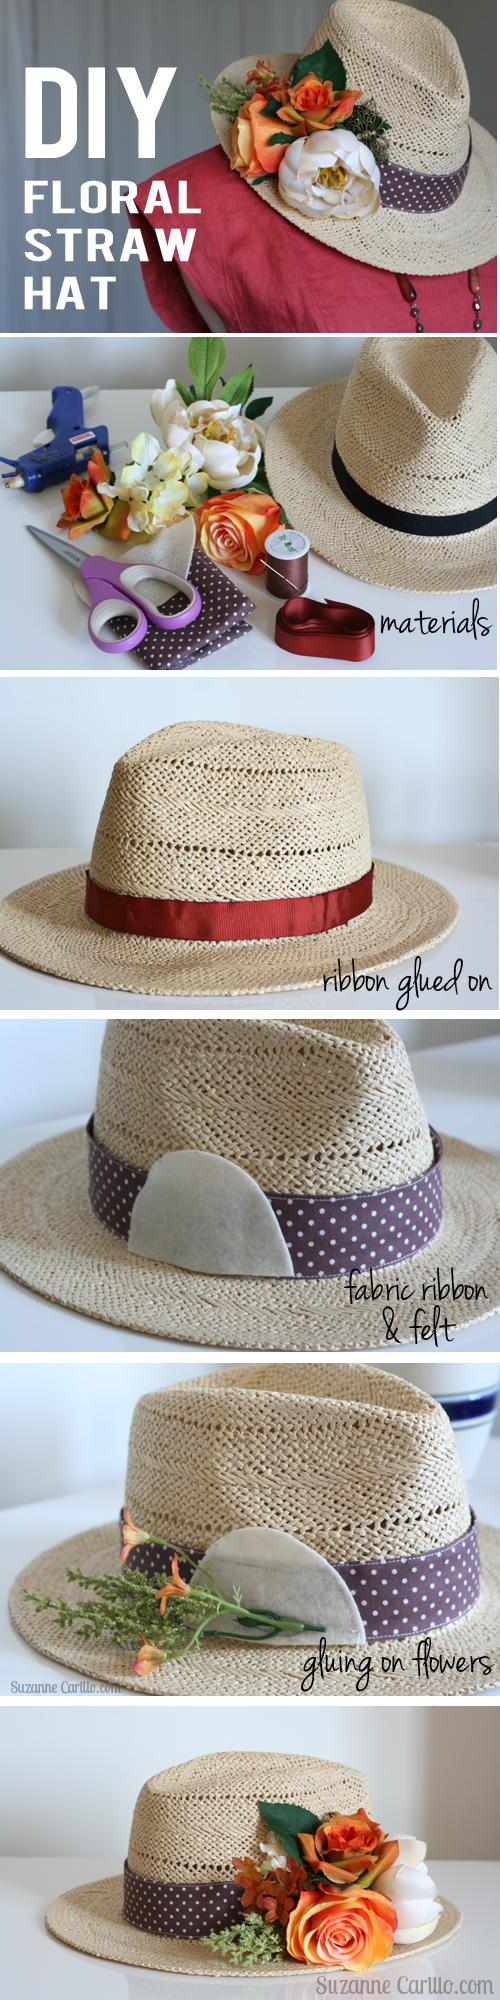 DIY floral hat